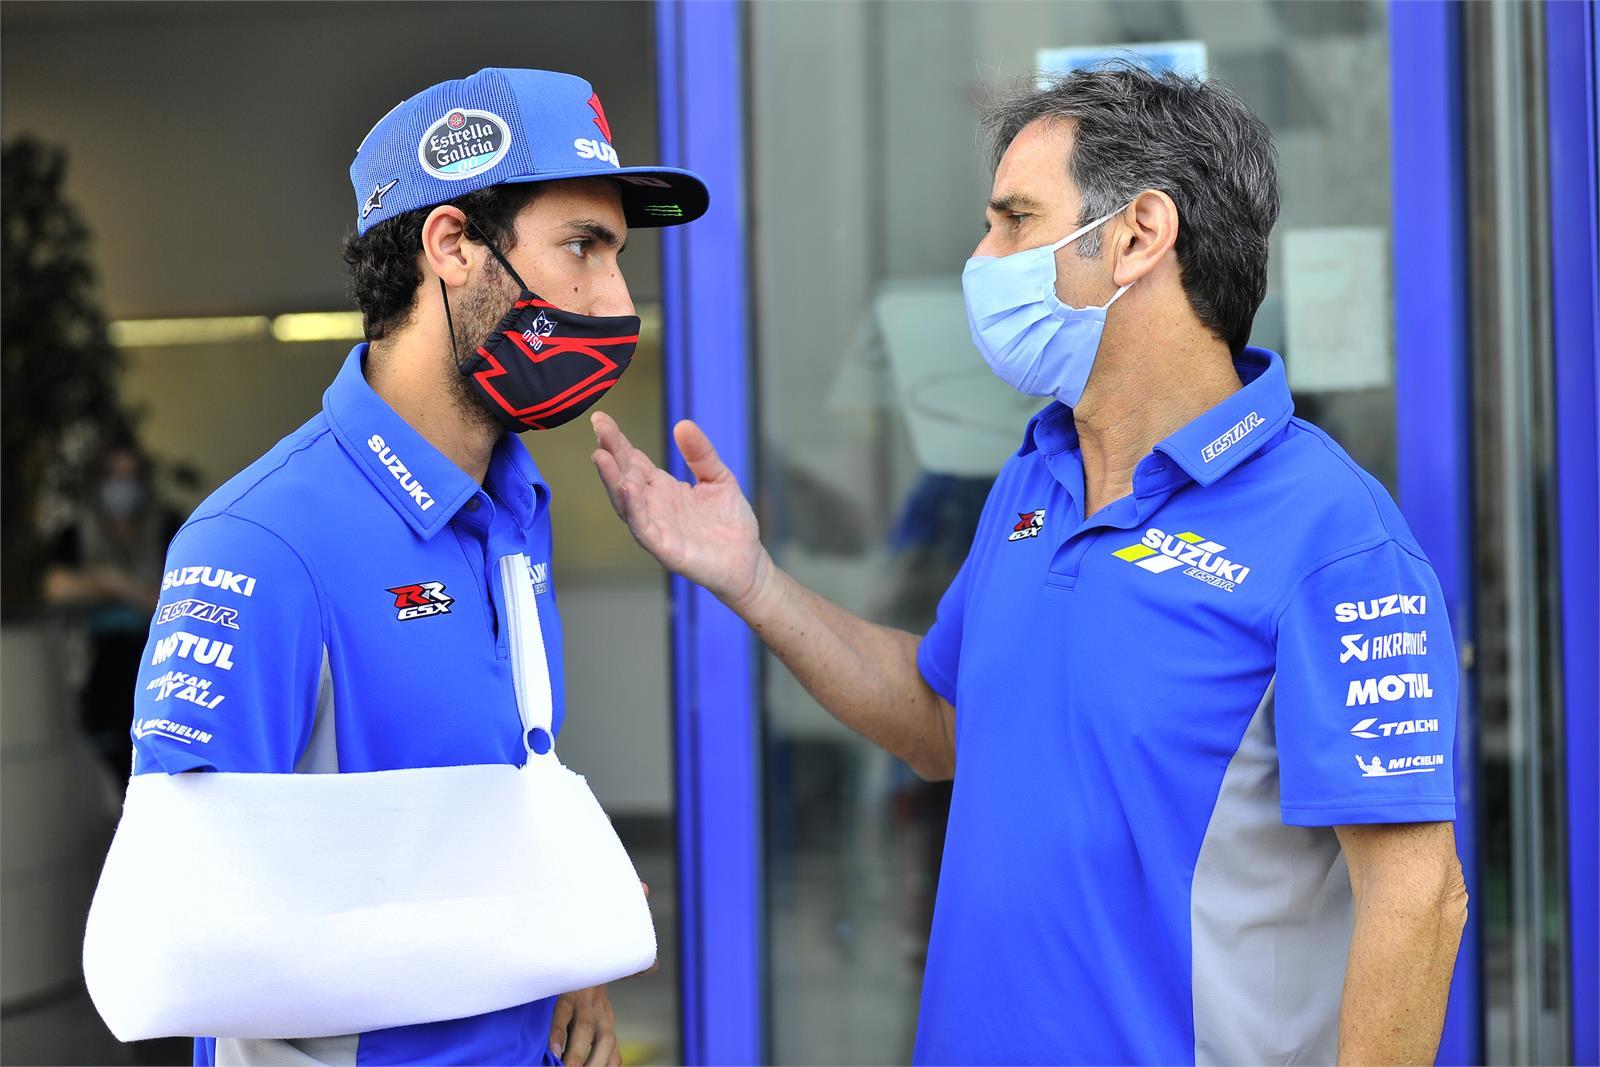 MotoGPスペインGP 怪我により、アレックス・リンスは今週末のレースを欠場